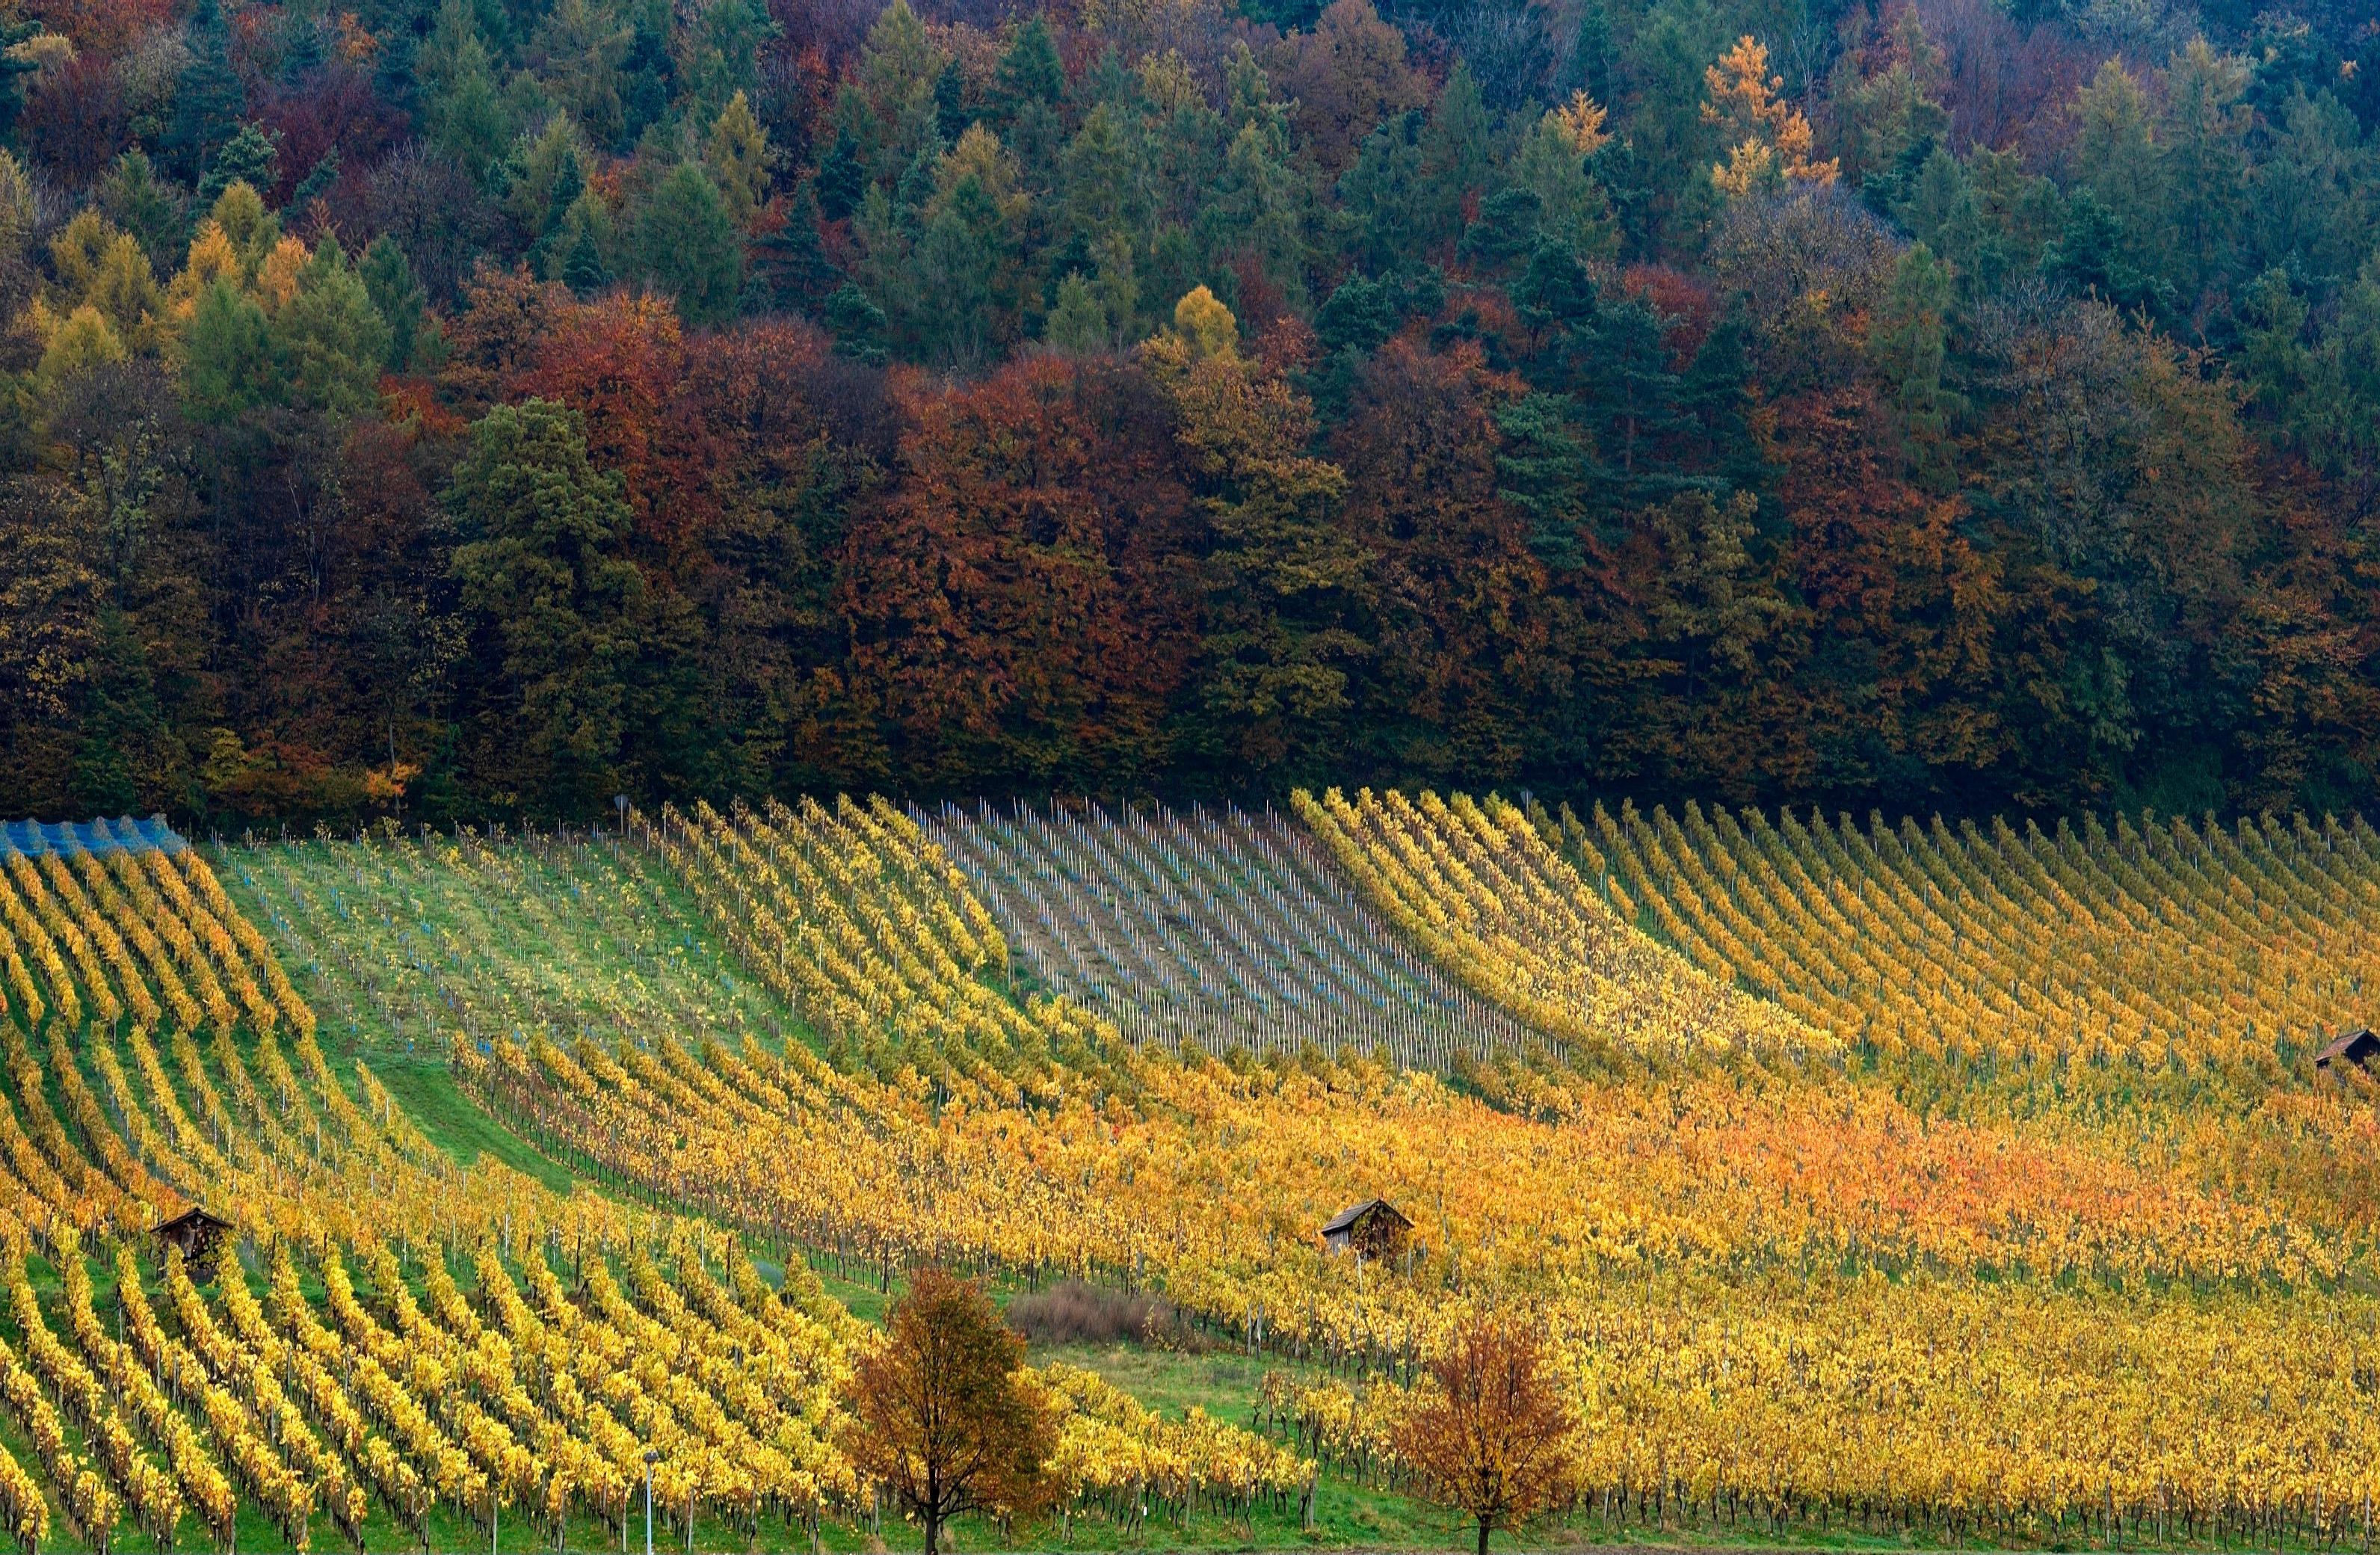 Swisswine Schweizer Weine Deutschschweiz Zurich Weinigen Herbst Weinberg (weingut-haug.ch)